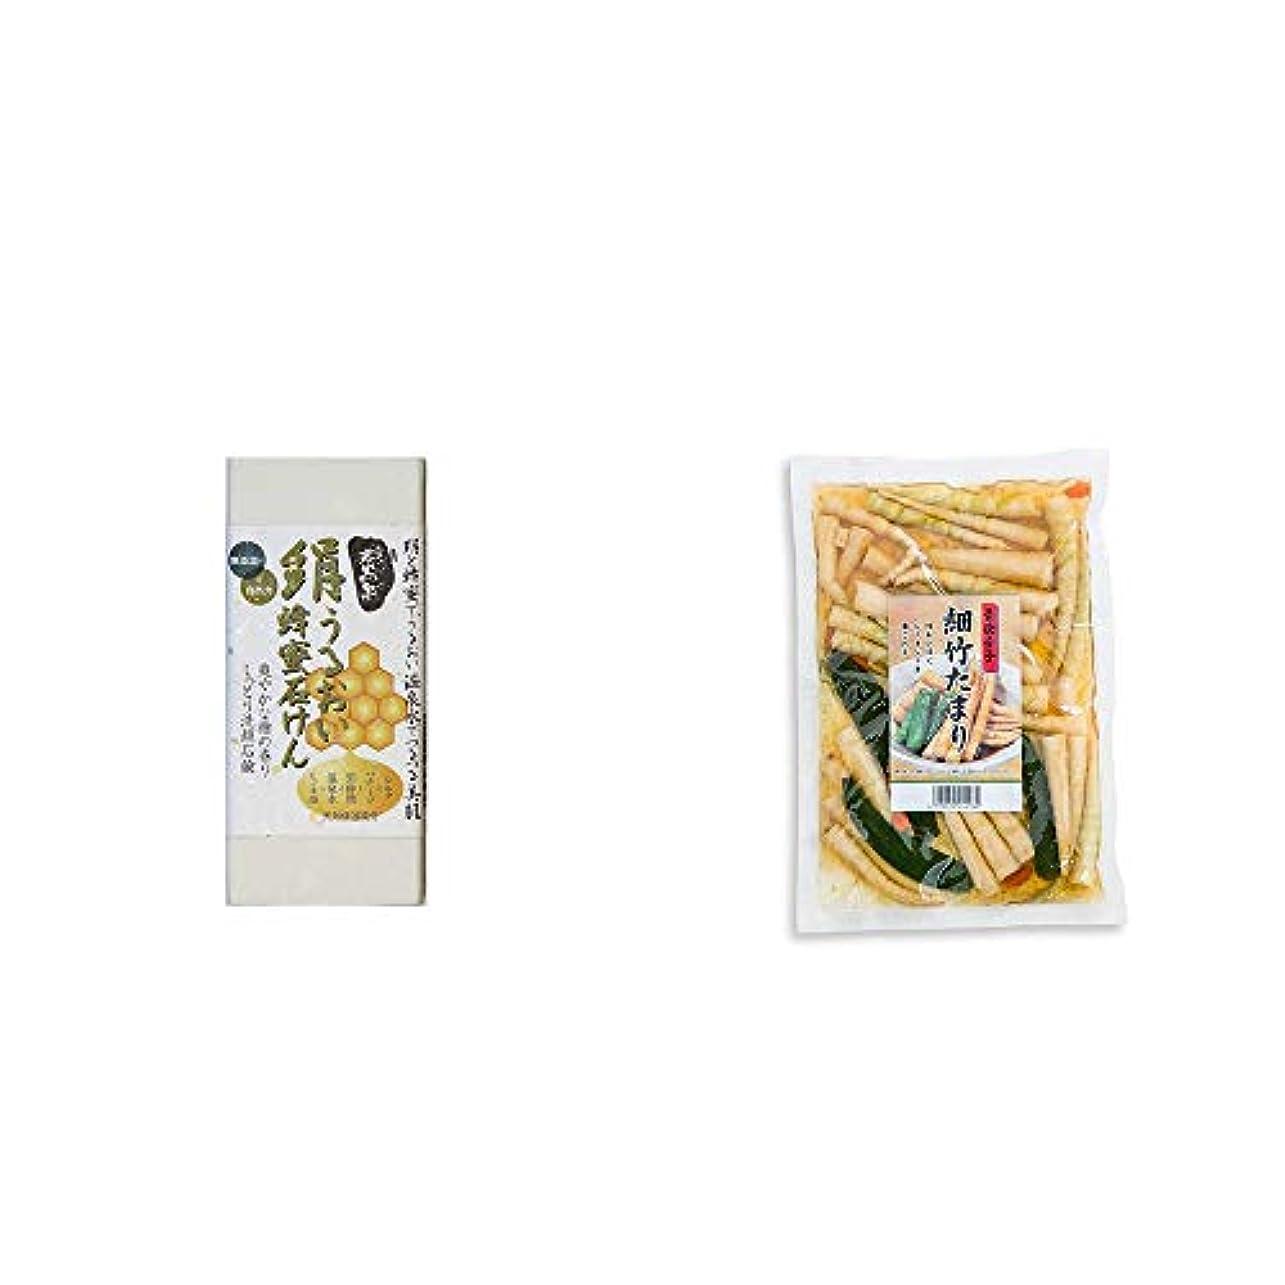 工場遮る供給[2点セット] ひのき炭黒泉 絹うるおい蜂蜜石けん(75g×2)?青唐辛子 細竹たまり(330g)